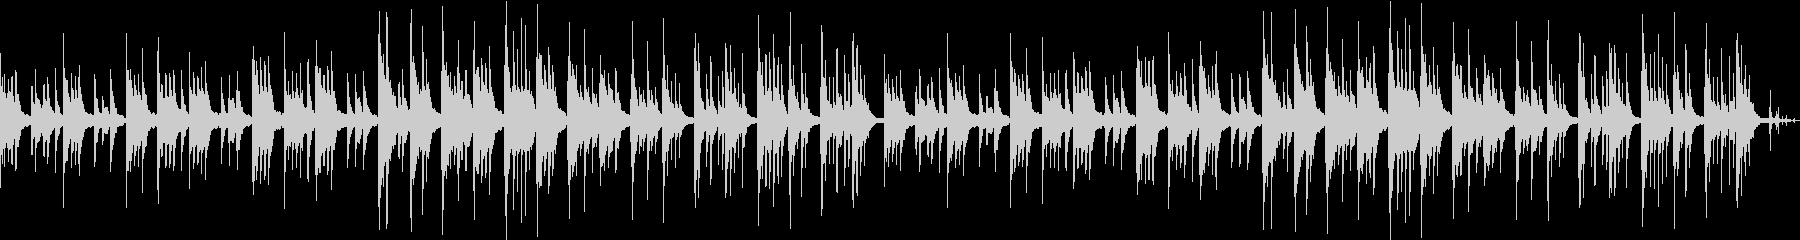 ピアノによるヒーリング音楽でリラックスの未再生の波形